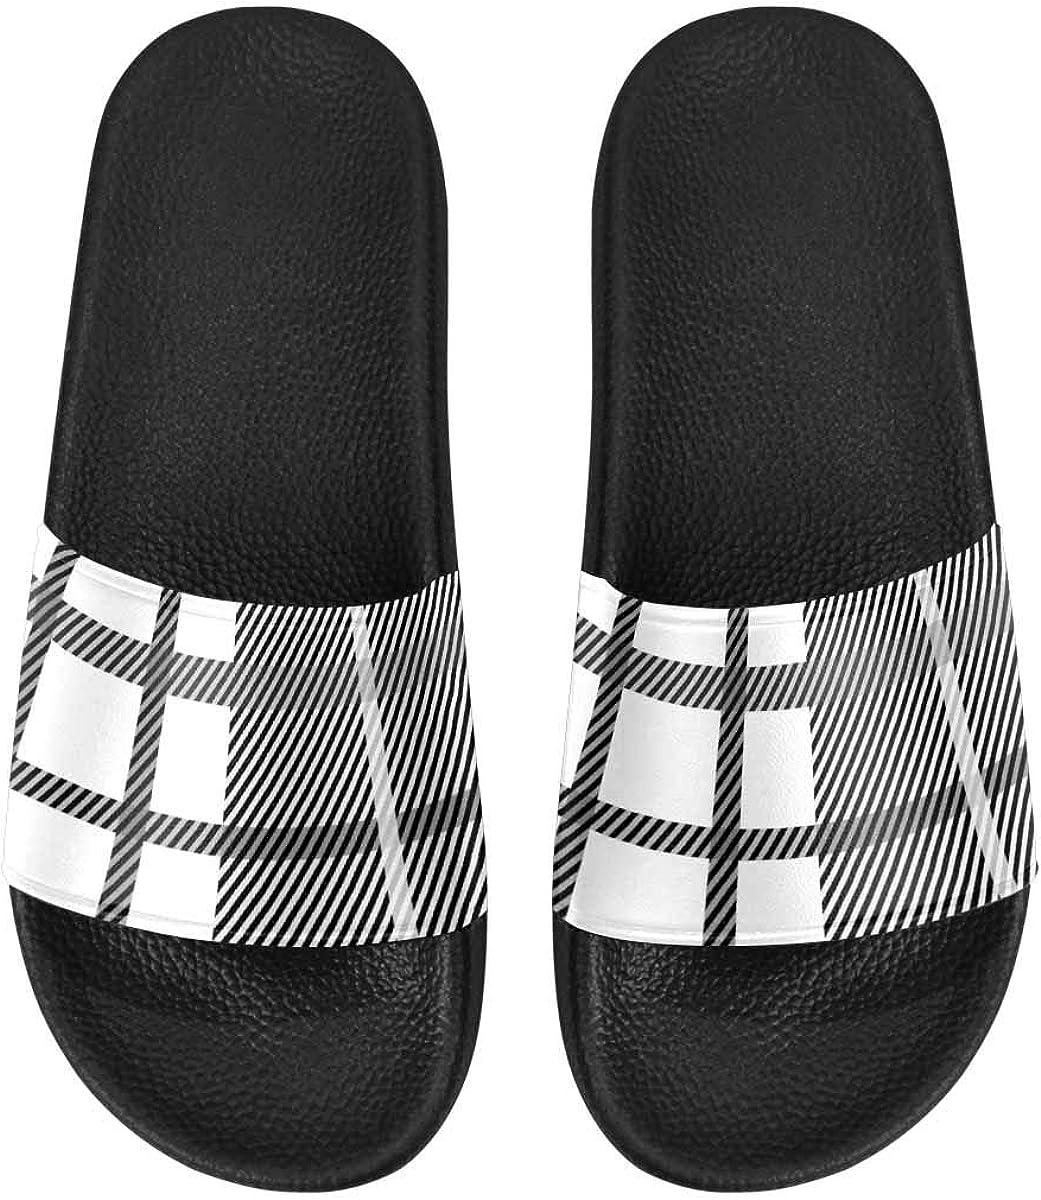 InterestPrint Indoor Stylish Sandals Slides for Women Pink Zigzag Pattern